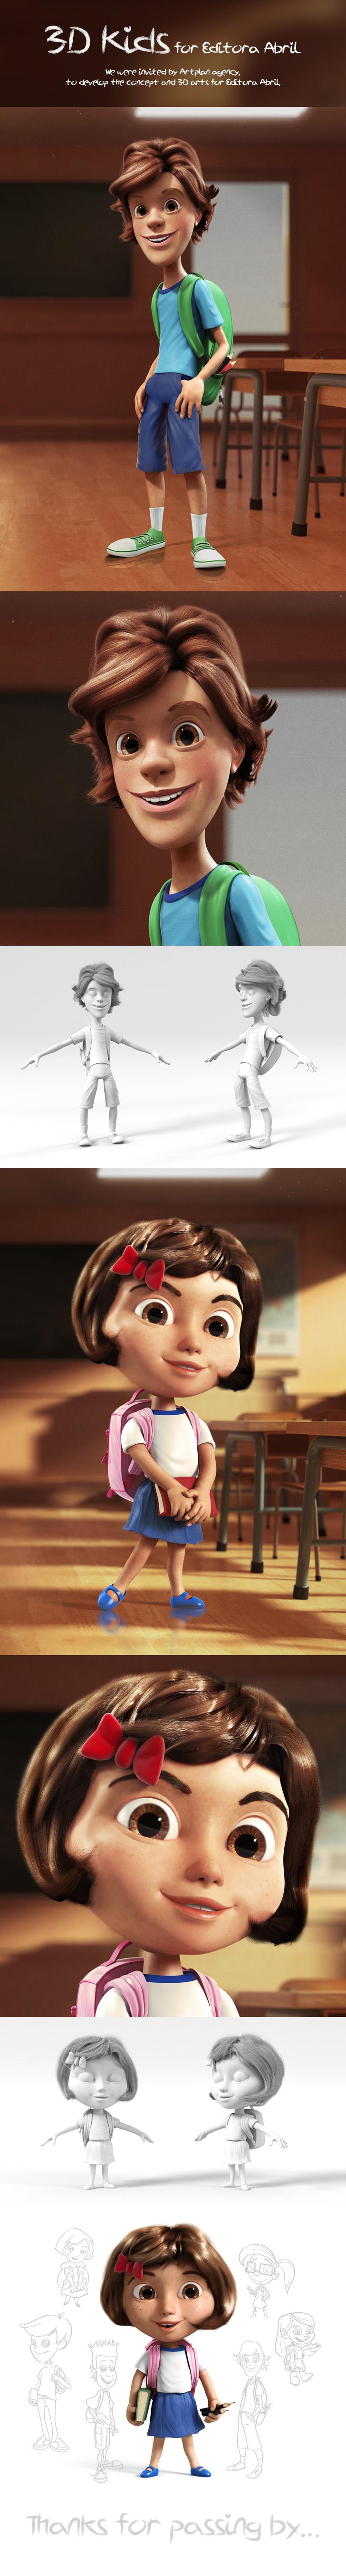 https://www.behance.net/gallery/19061767/3D-Kids-characters